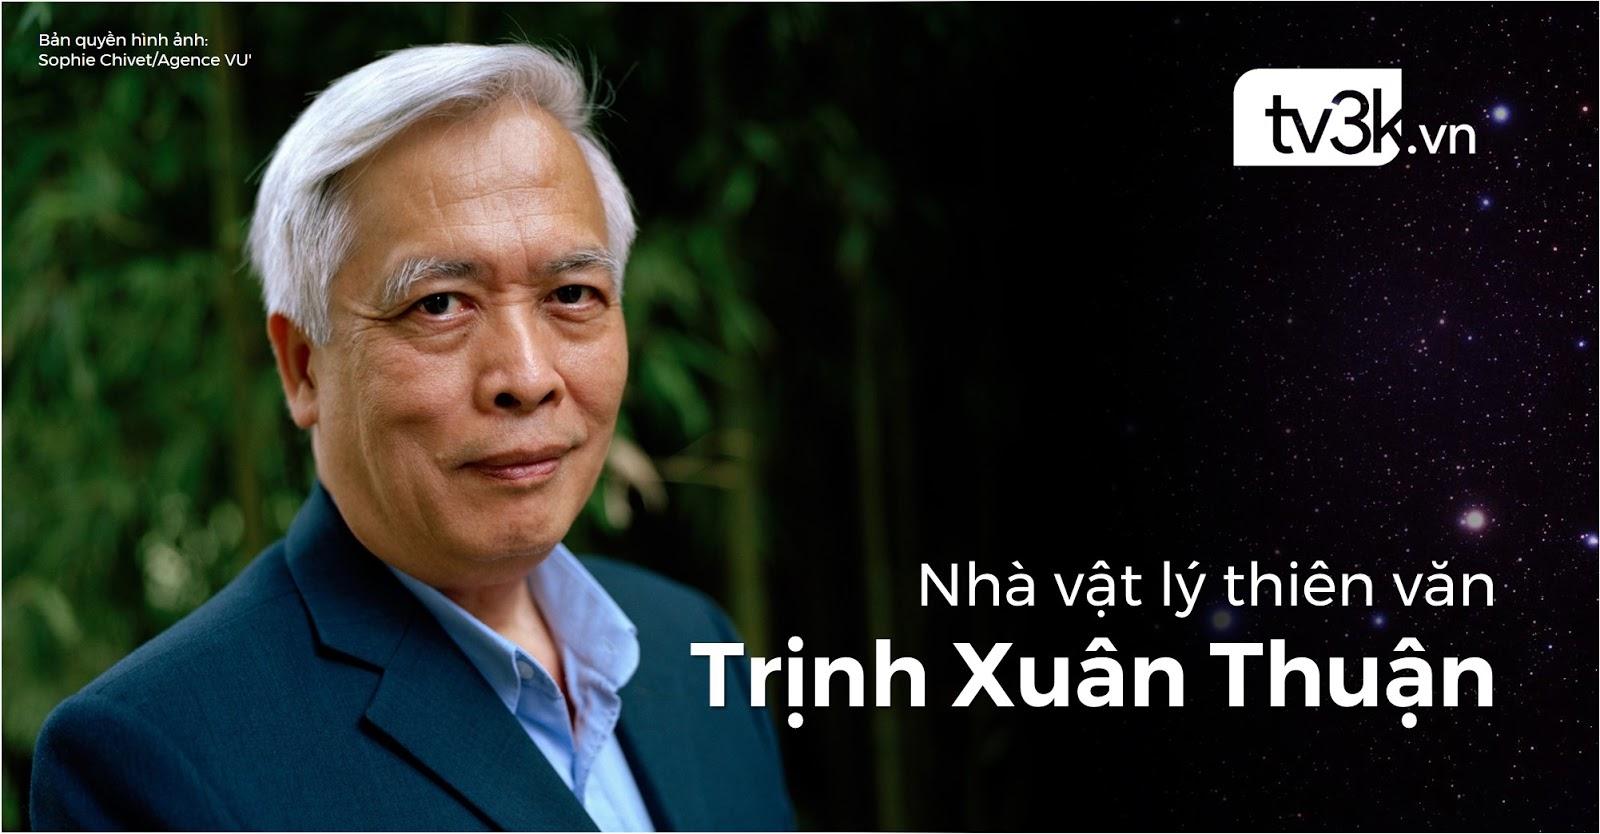 Danh nhân khoa học: Nhà vật lý thiên văn Trịnh Xuân Thuận - Tiểu Tinh cầu TV3K